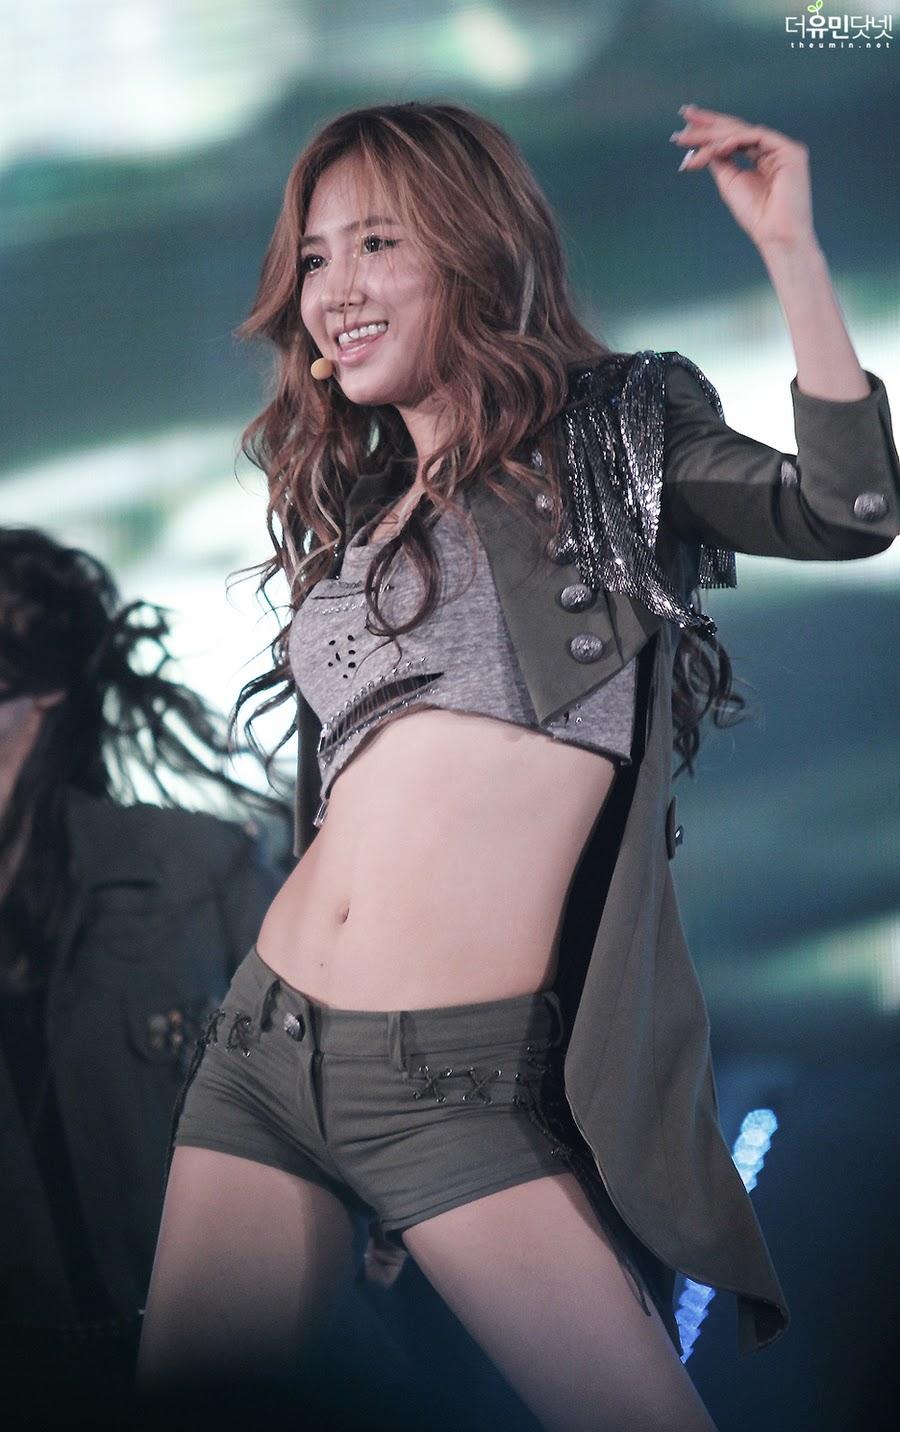 yuri body 7